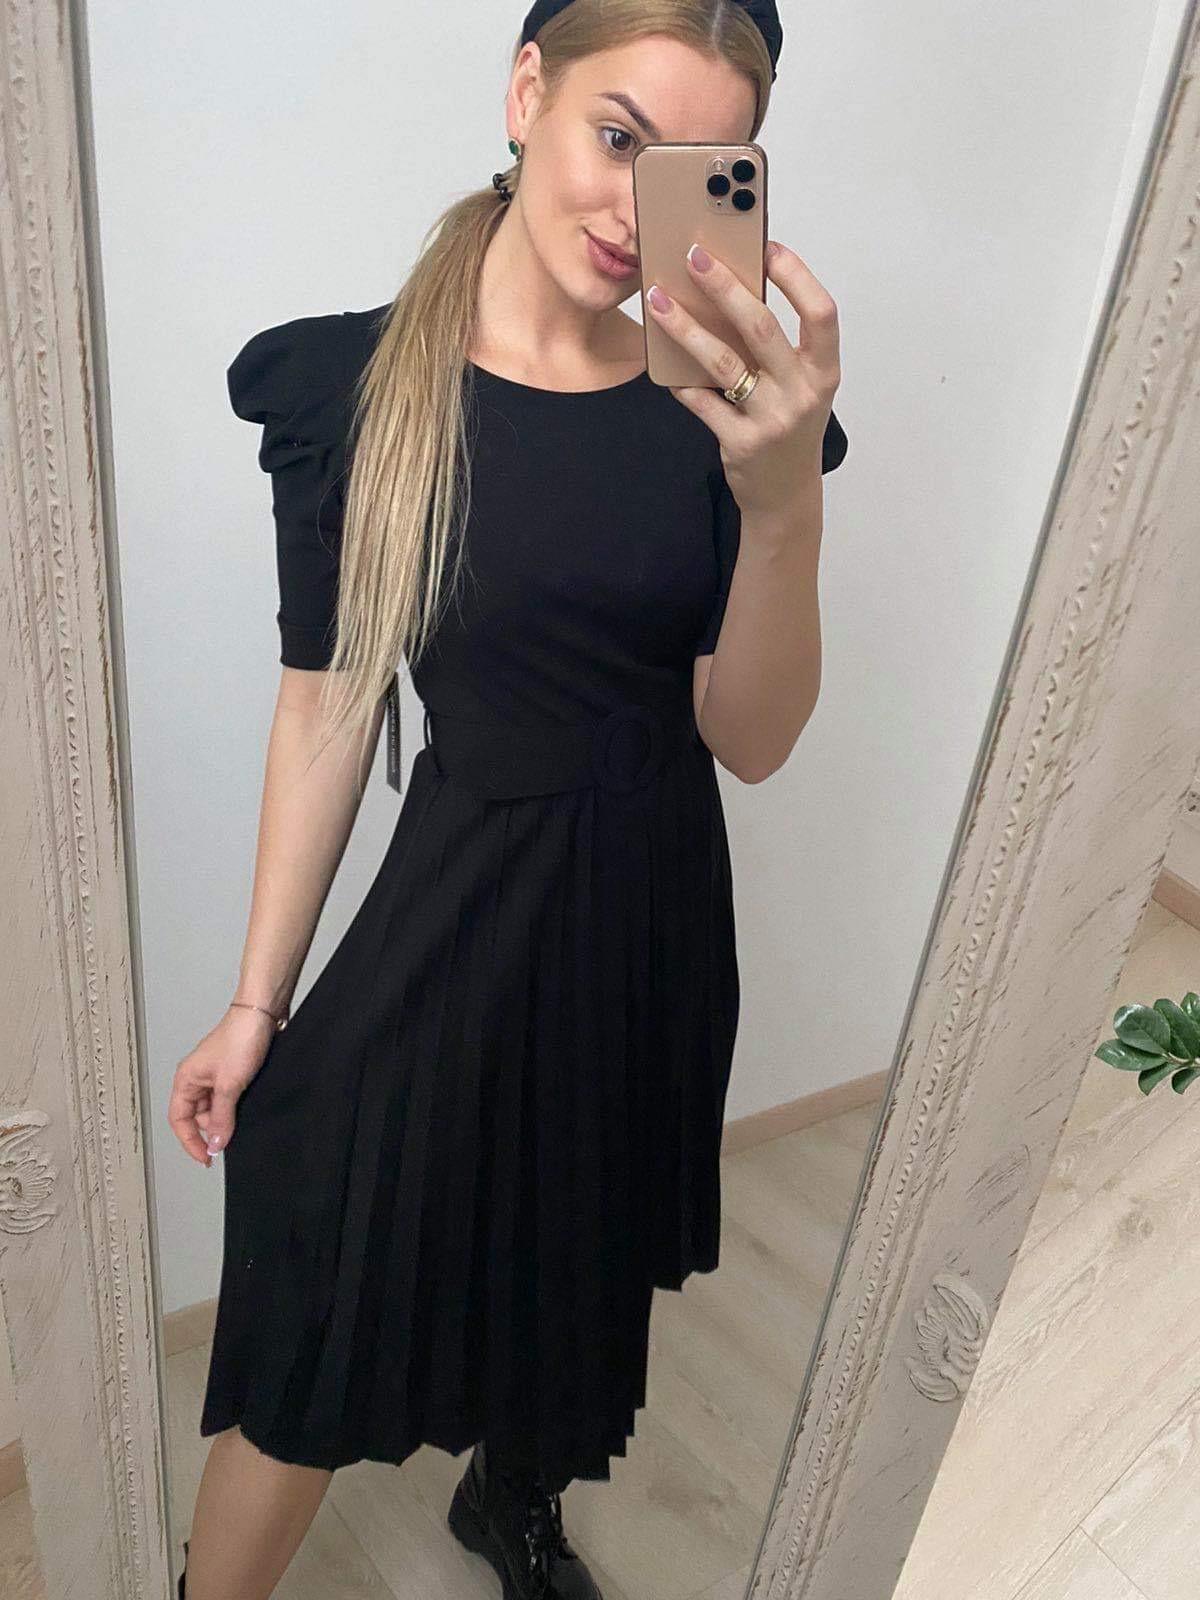 Juoda klostuota suknelė pūatom rankovėm su diržu